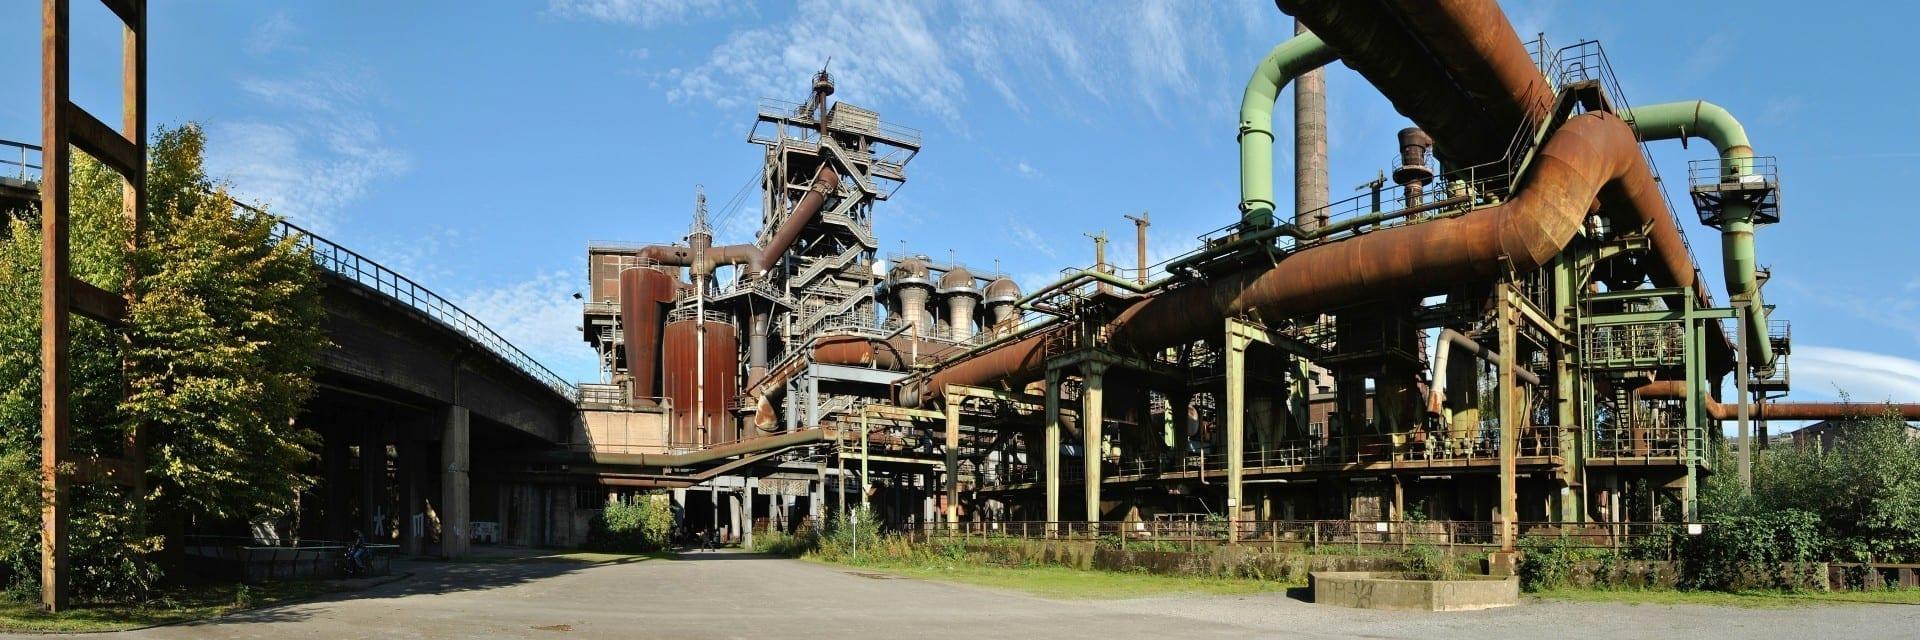 Horno en desuso en la antigua fábrica de acero Meiderich, ahora parque paisajístico Duisburg Alemania